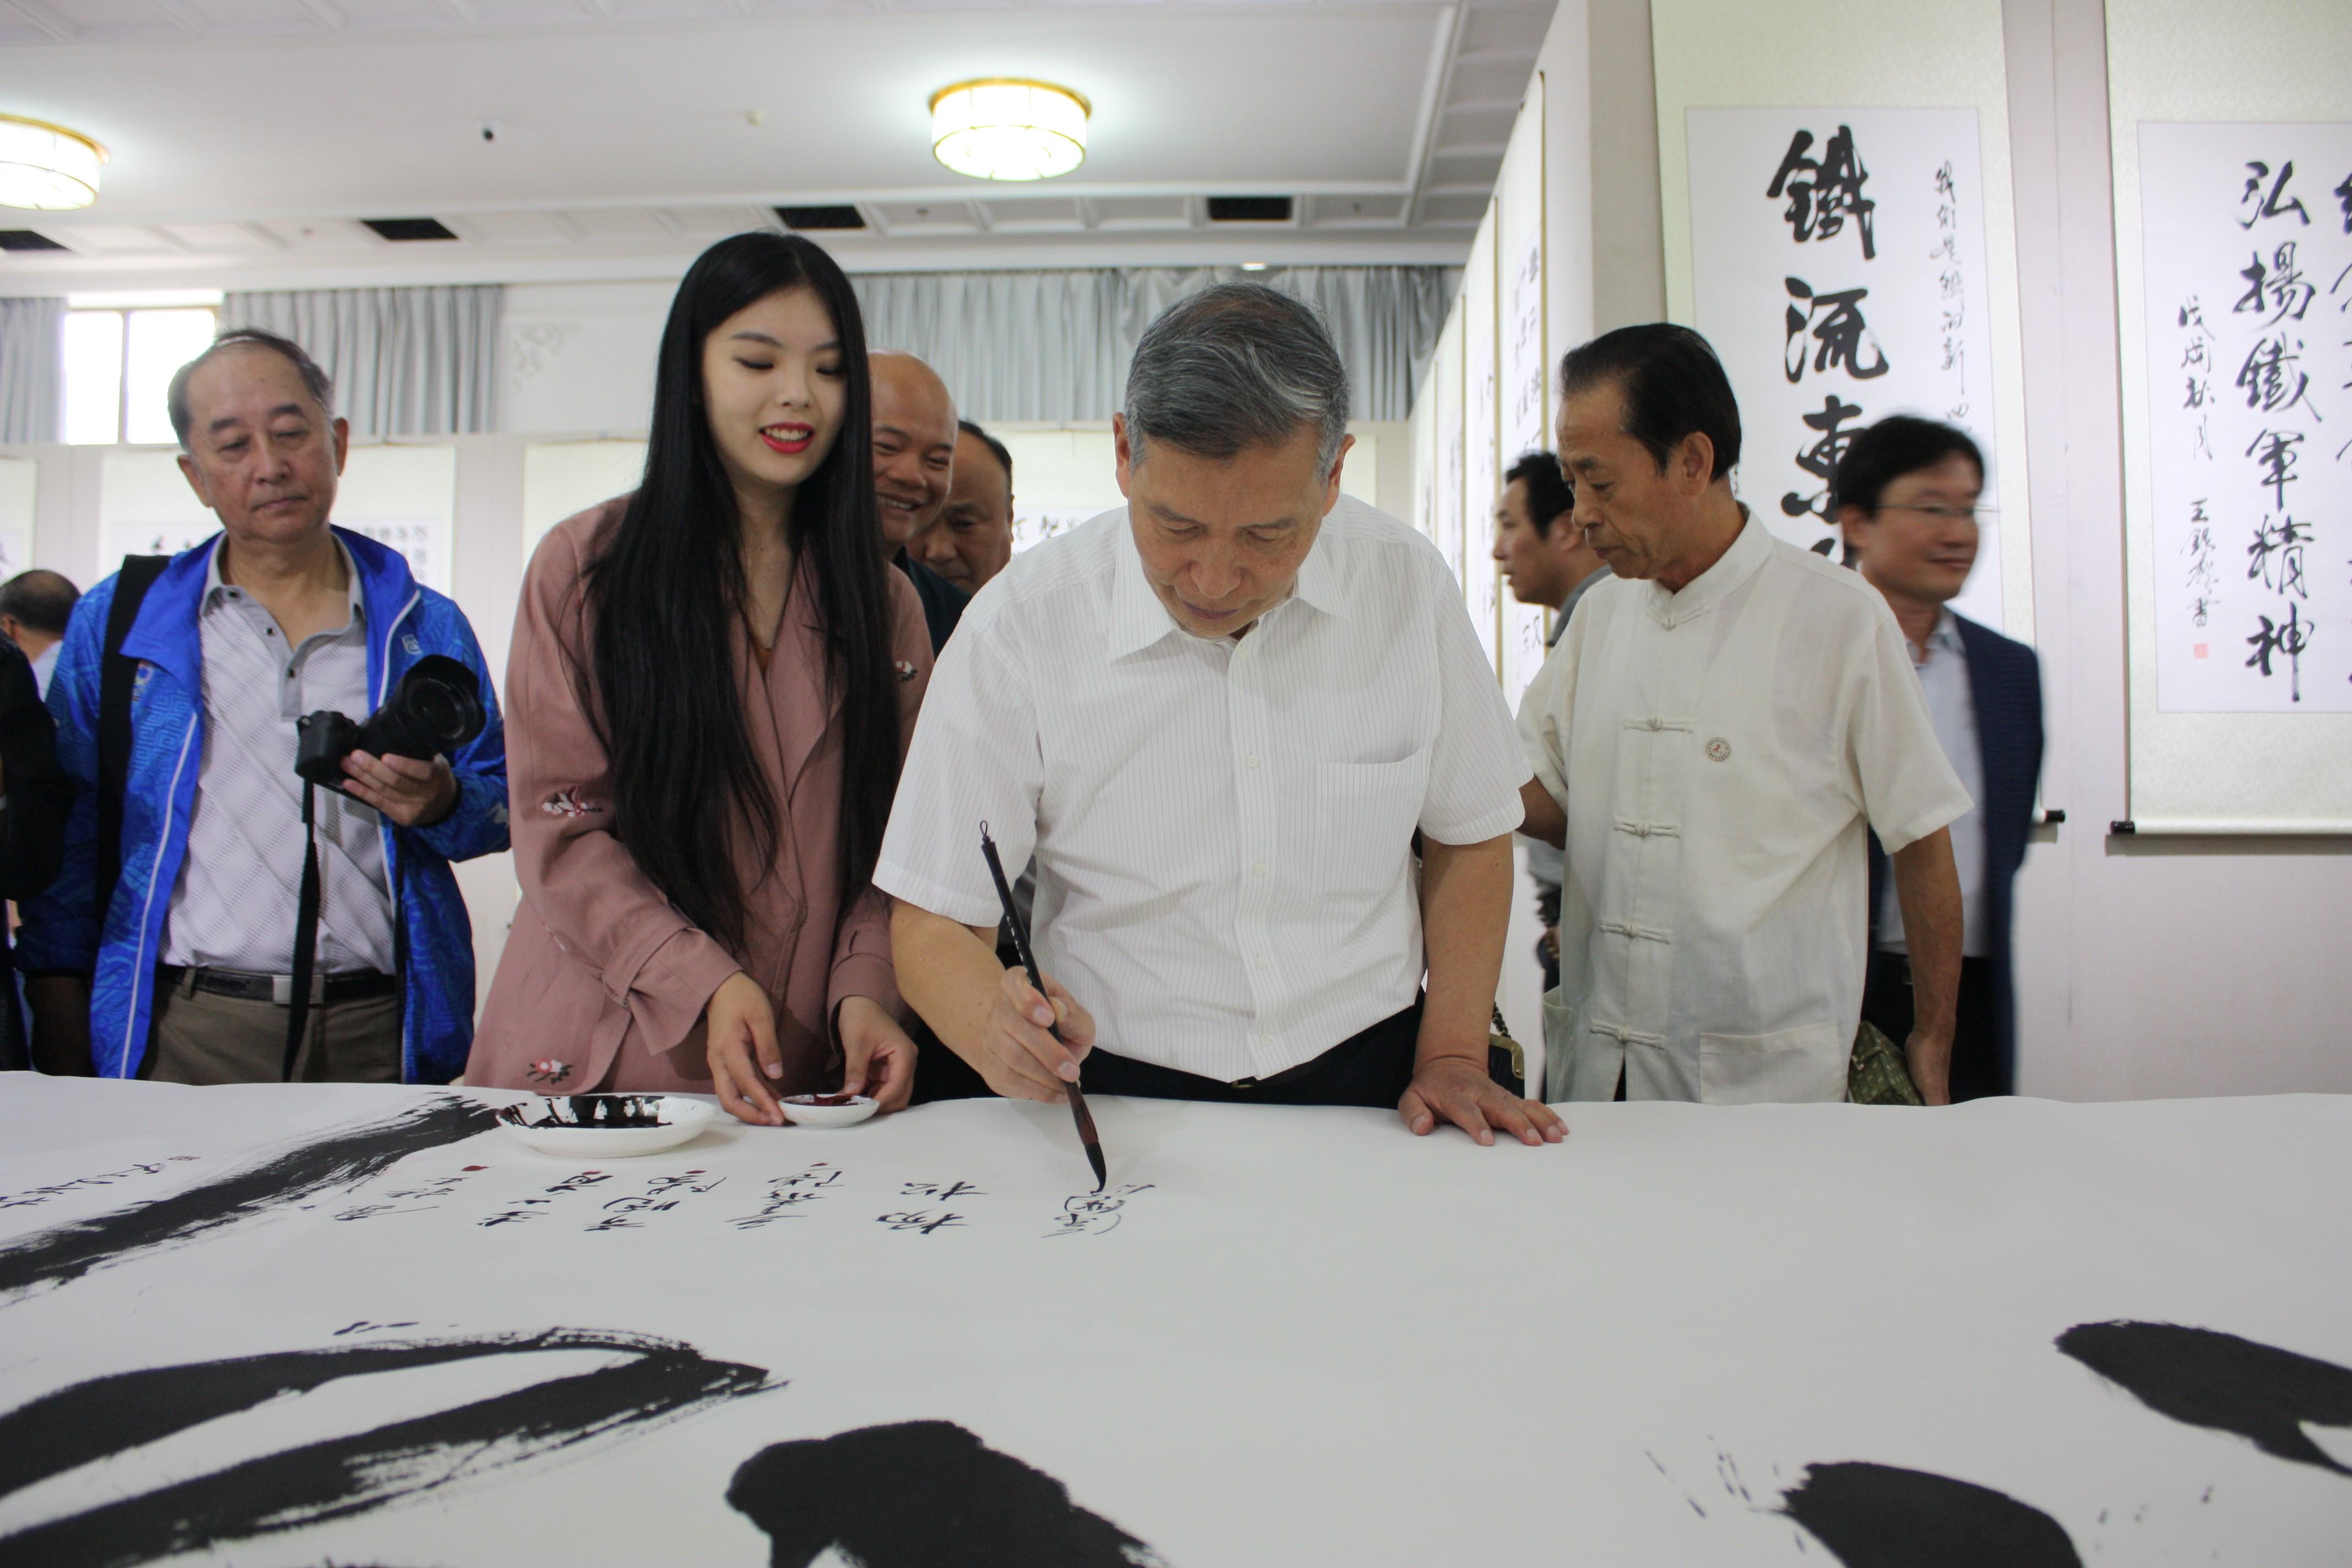 中国文化管理协会副会长徐国宝签名留念.JPG